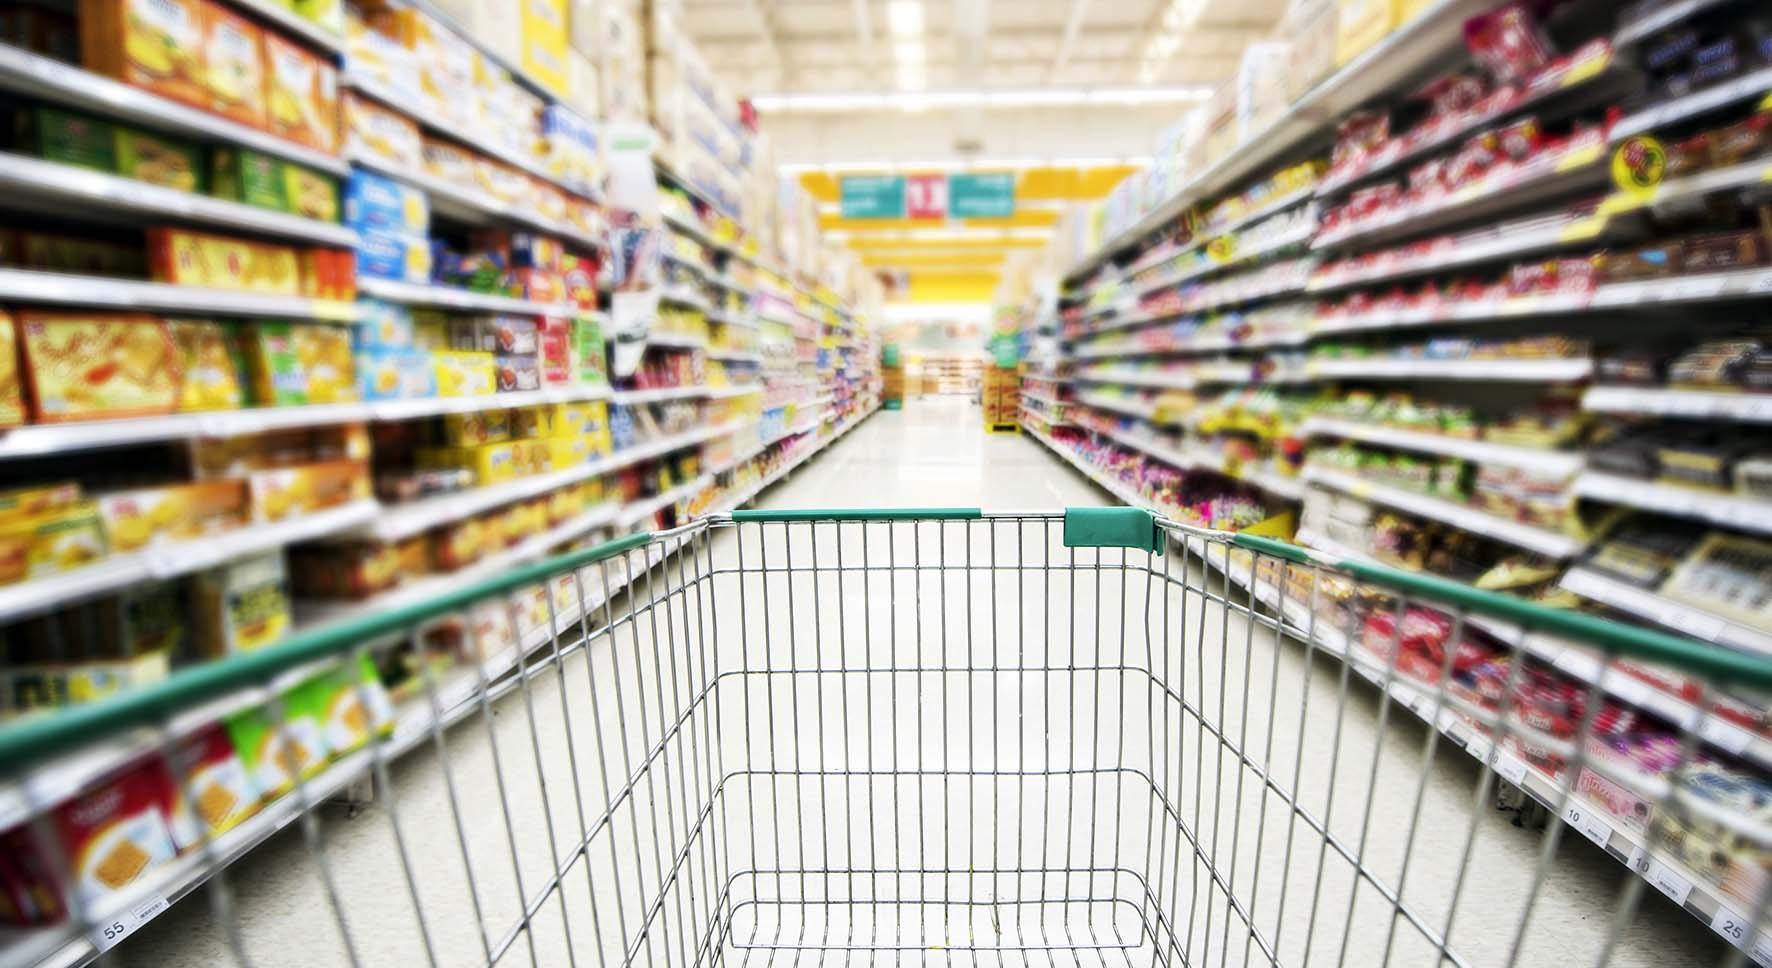 commercio al dettaglio supermercato carrello spesa vuoto crisi consumi